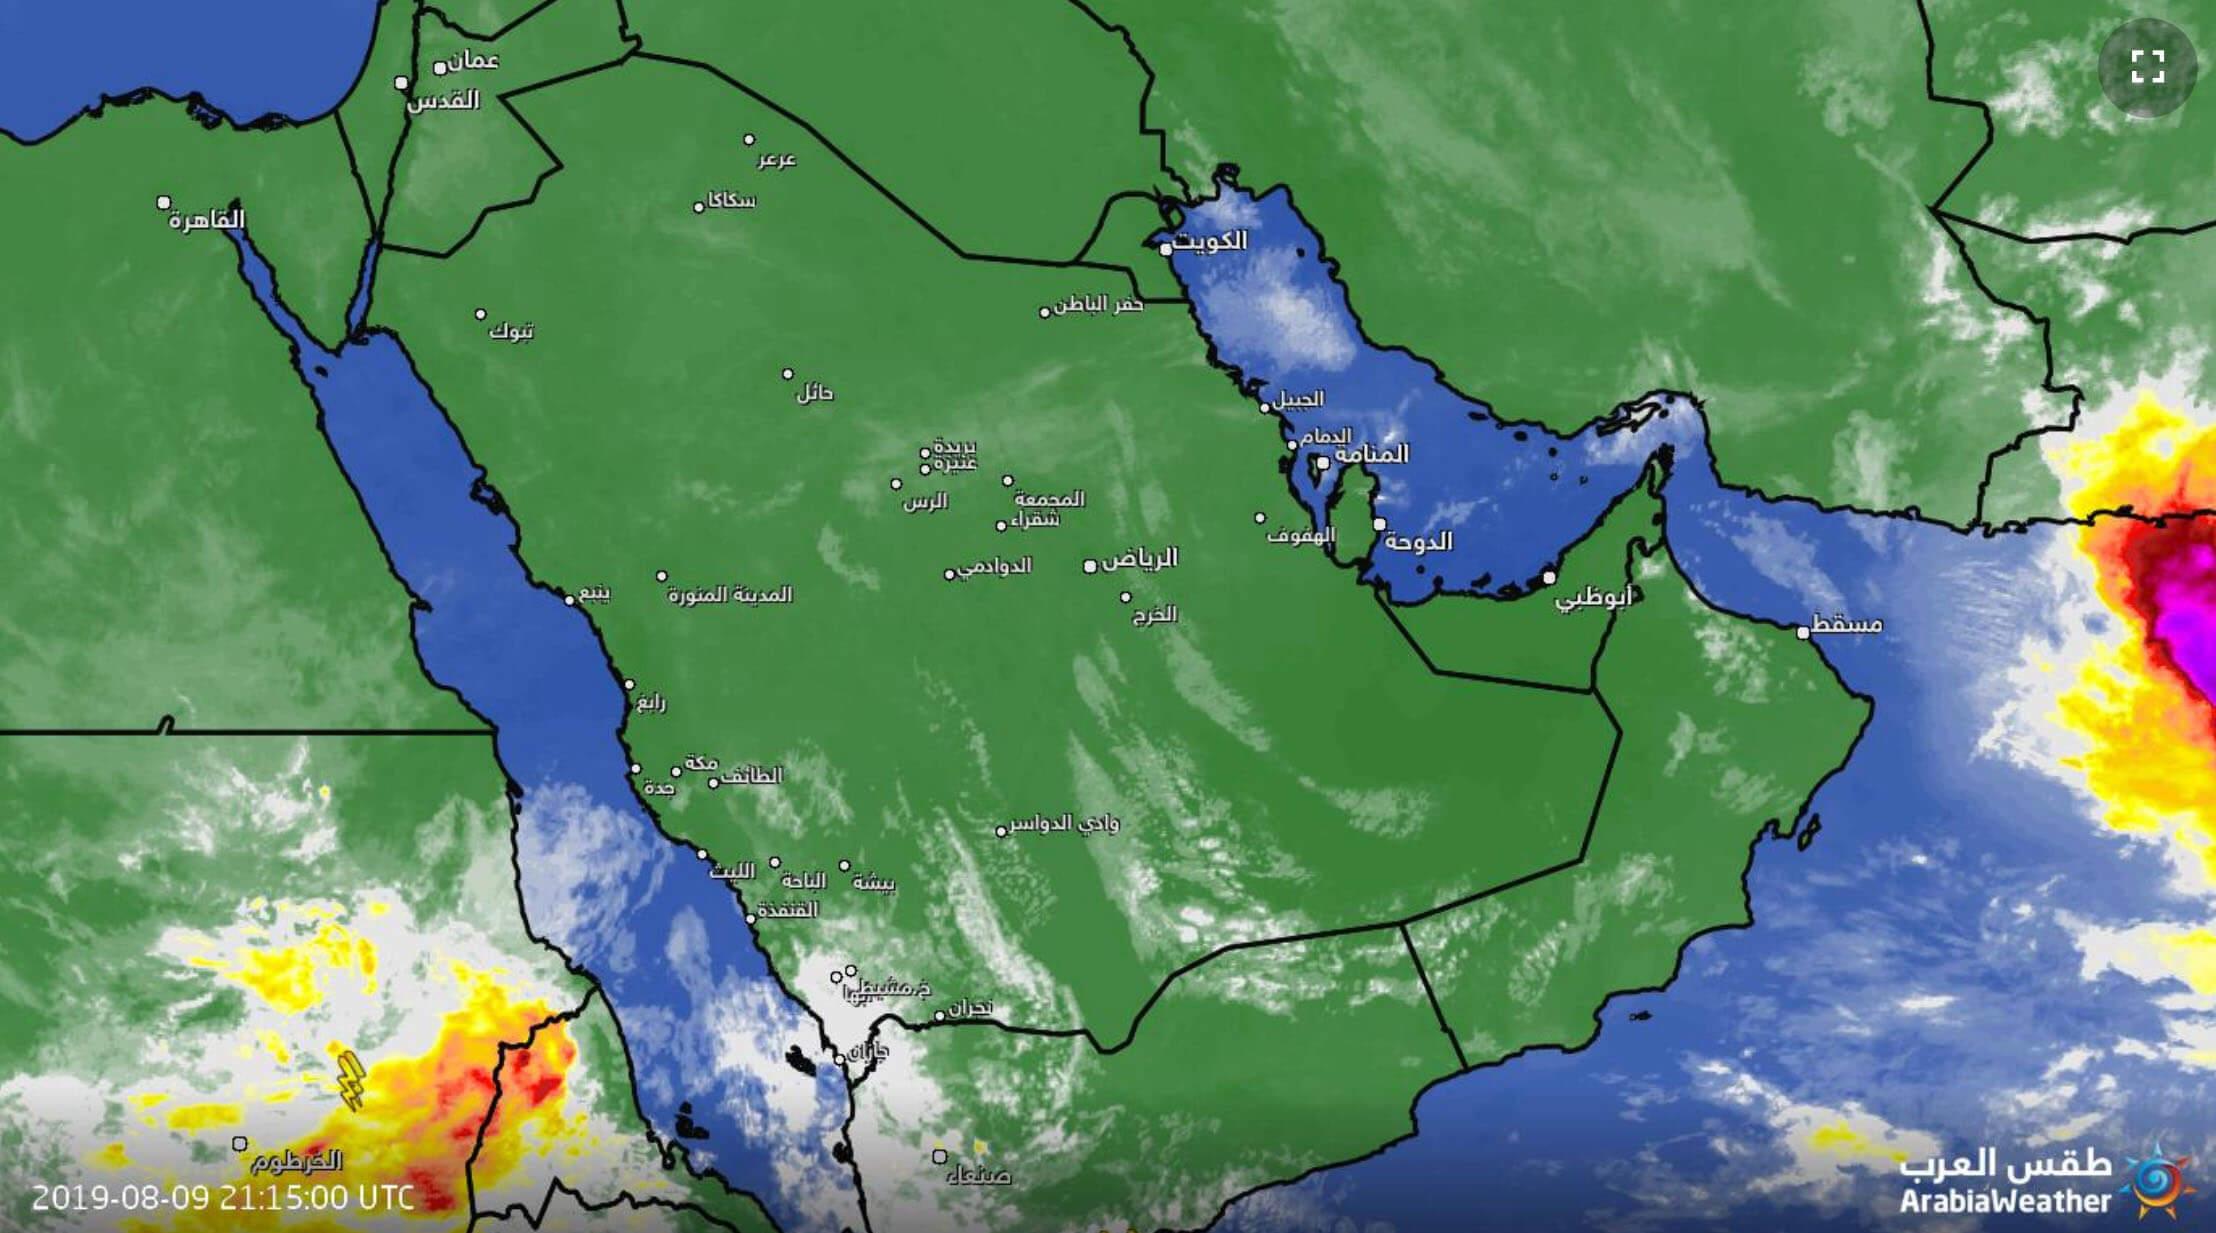 طقس العرب .. أهم موقع للأرصاد الجوية في الشرق الأوسط